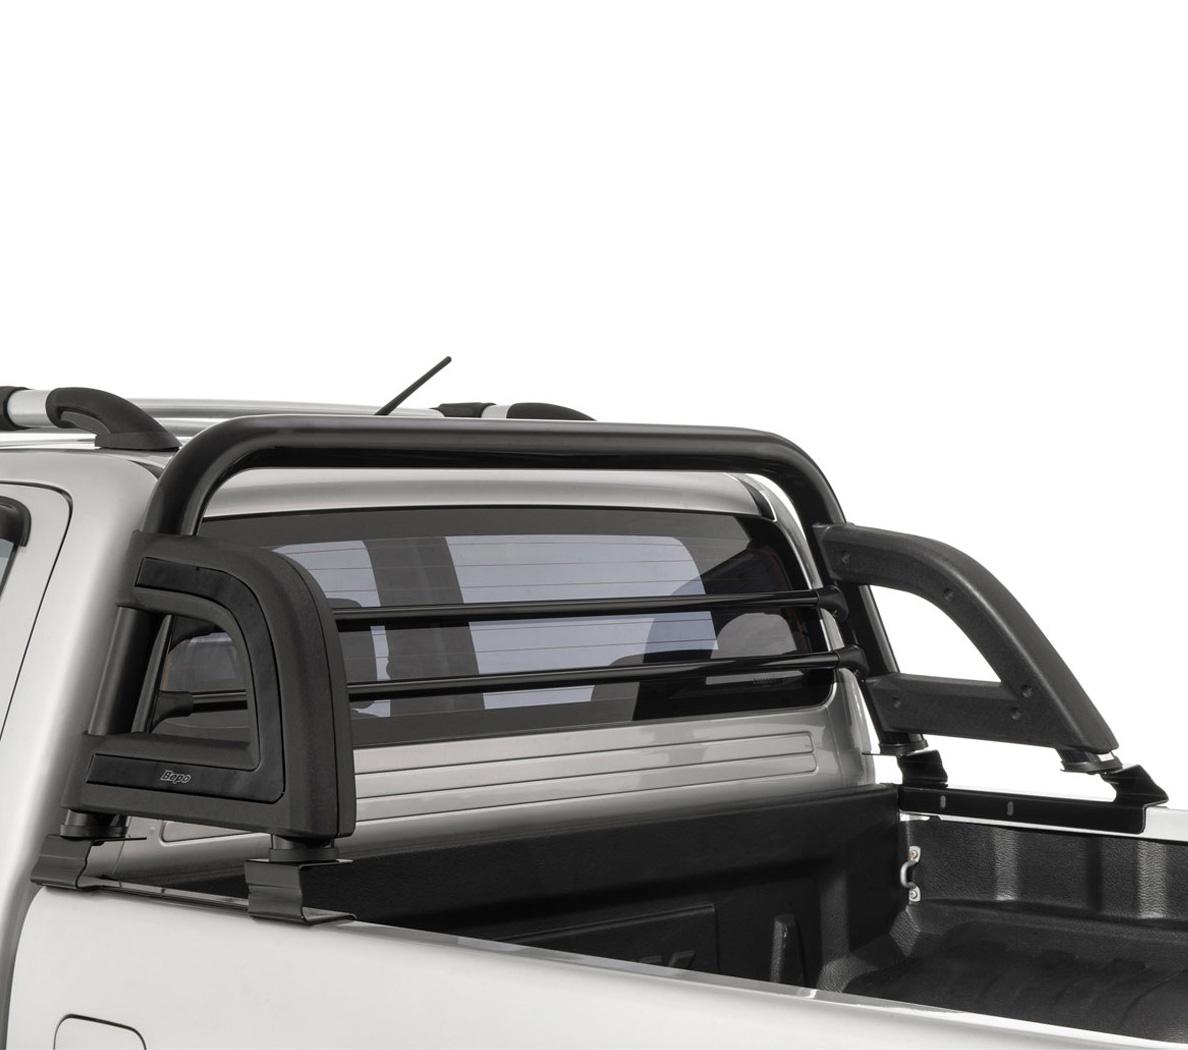 Santo antônio preto esportivo Bepo Nova S10 cabine dupla 2012 a 2017 com barras de vidro